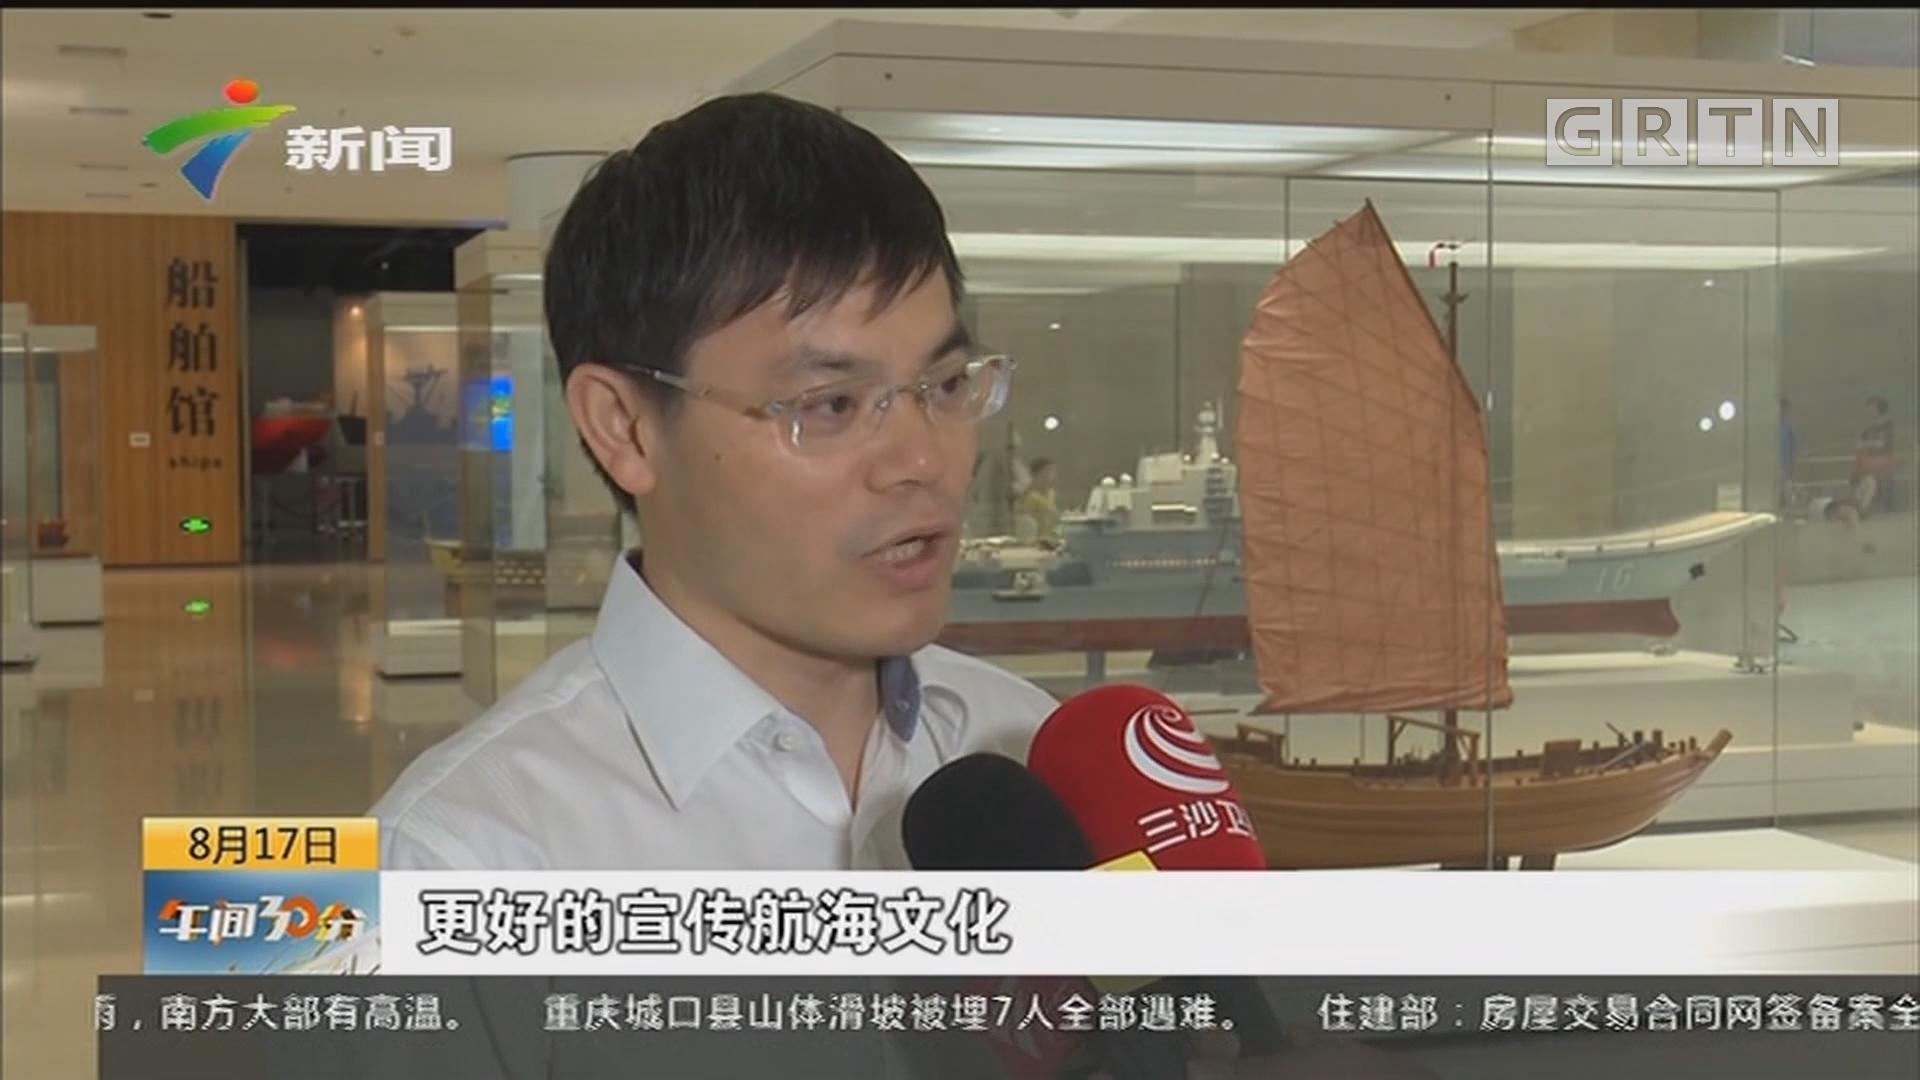 上海暑期再掀科普潮:2019科学之夜亮相中国航海博物馆